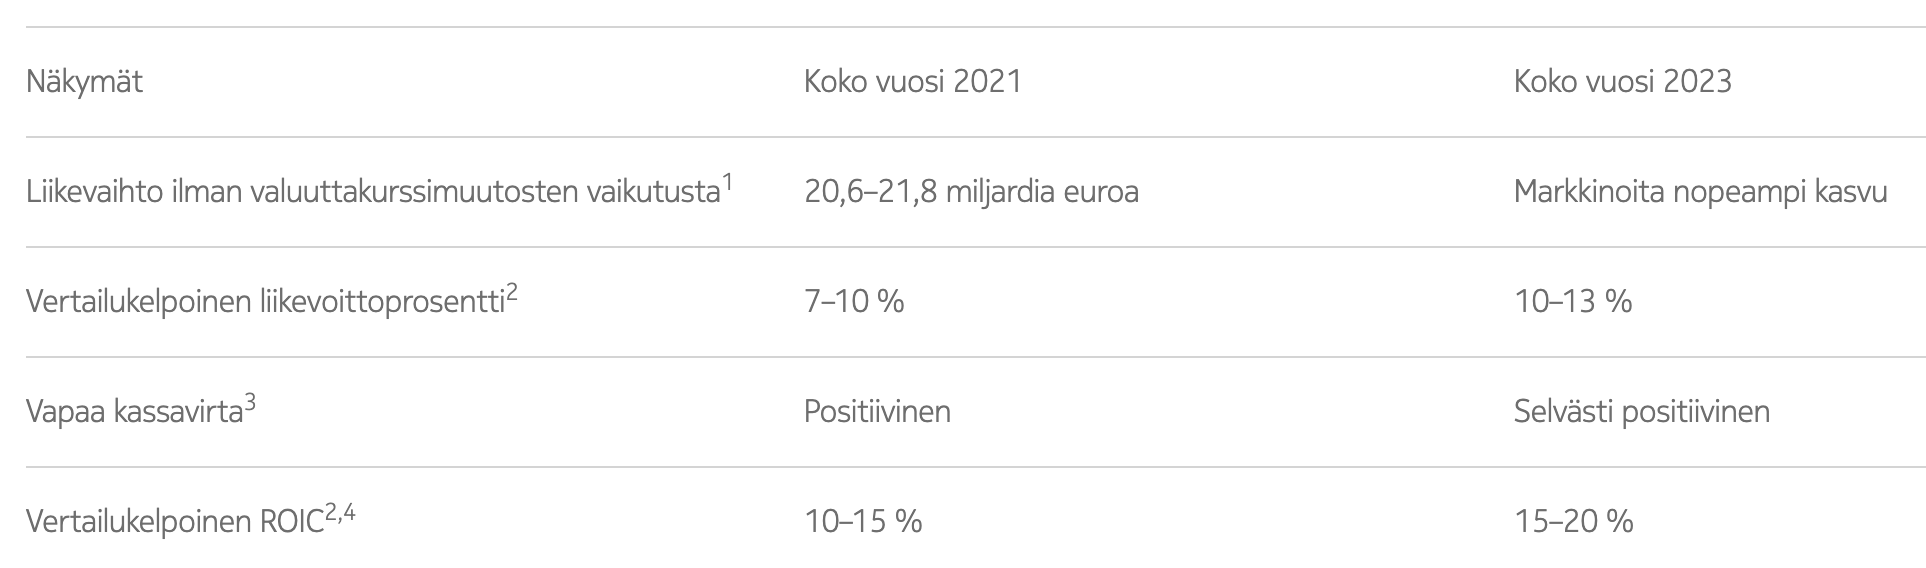 Nokian aiemmin kertomat näkymät vuodelle 2021 ja tänään kerrotut näkymät vuodelle 2023.